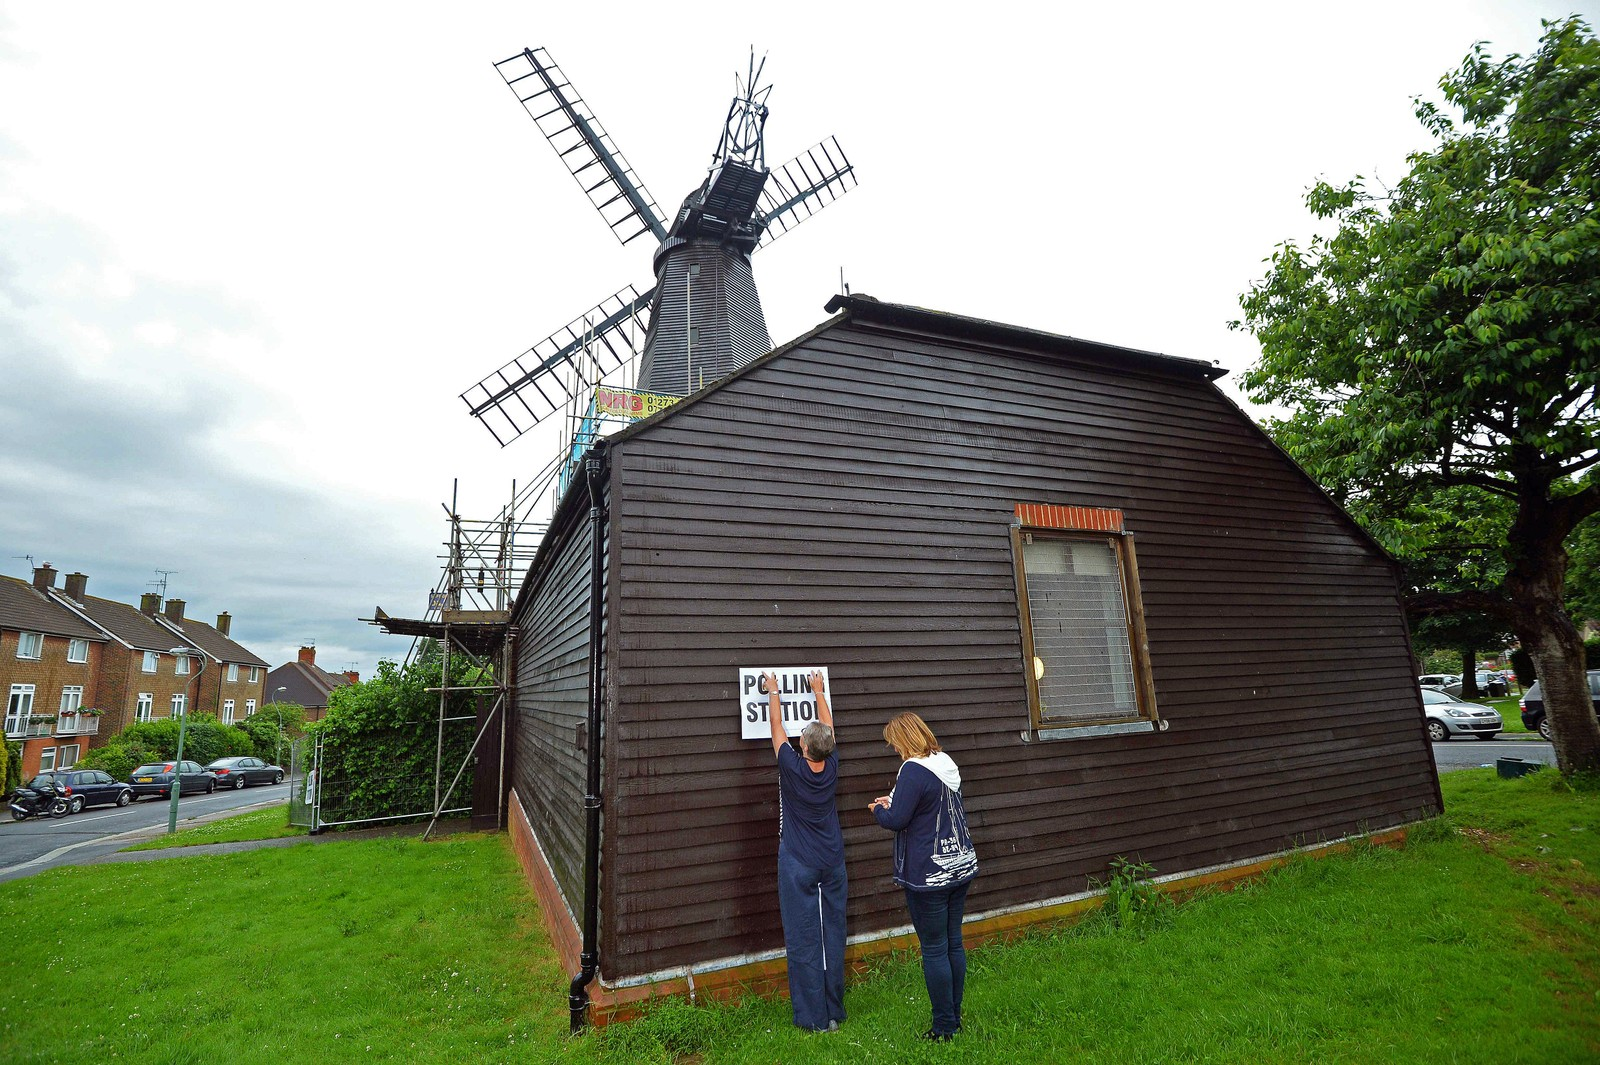 På West Blatchington vindmølle i nærheten av Brighton kan også stemmer avlegges.